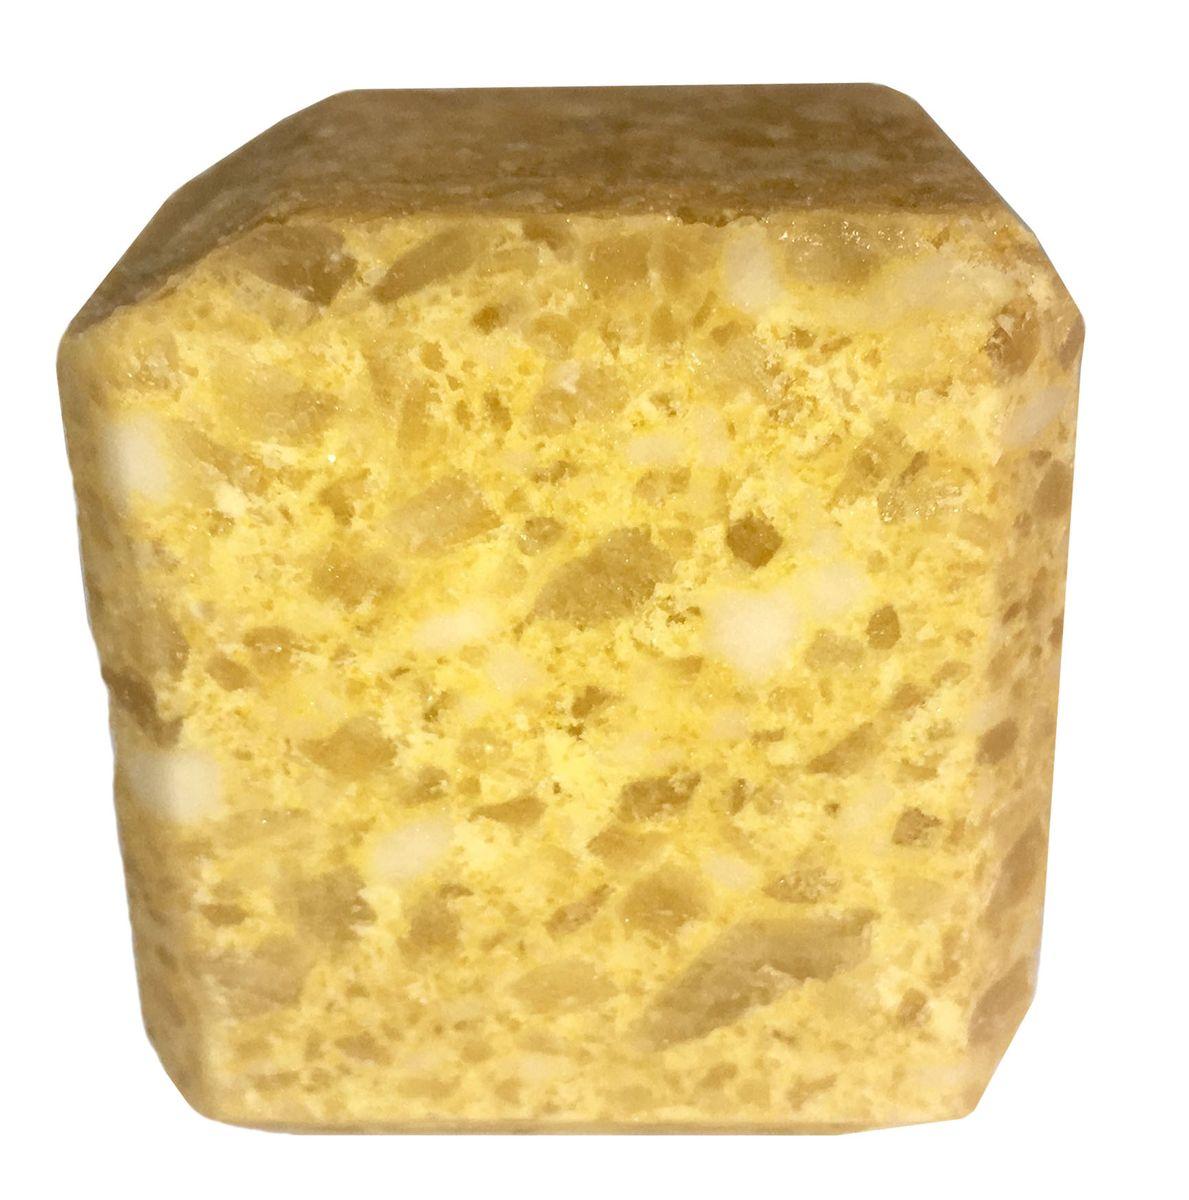 Соль для бани Proffi Sauna, с маслом лимонаPS0551Прессованный кубик из соли для сауны с ароматом лимона. Заходя в бане/ сауне в парилку, Вы ставите кубик из соли на камни и поливаете камень водой. В результате образуется облако соляного пара, а по всей парилке разносится приятный аромат. 1 кубик рассчитан на 1 применение. Состав: чистая природная структурированная соль, эфирное масло.